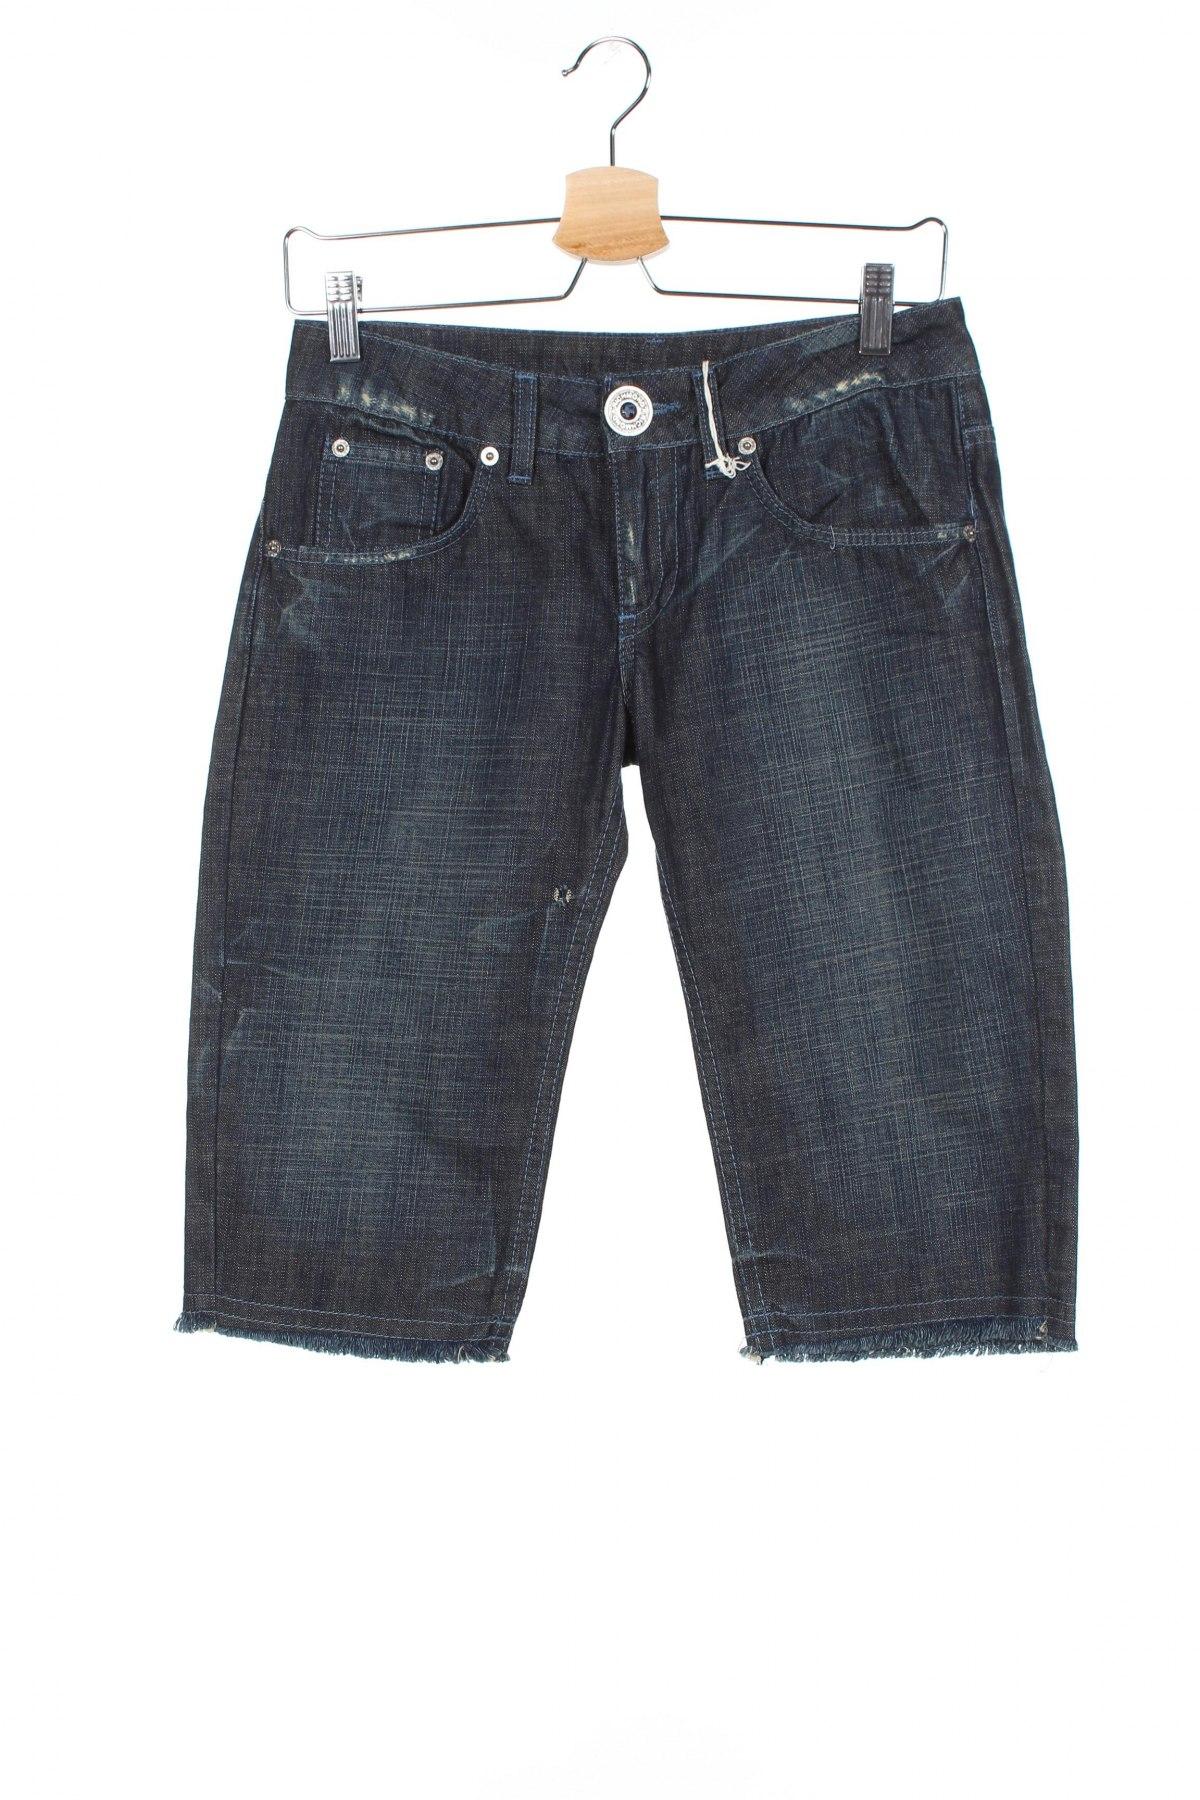 Γυναικείο κοντό παντελόνι Richmond, Μέγεθος S, Χρώμα Μπλέ, Βαμβάκι, Τιμή 26,98€